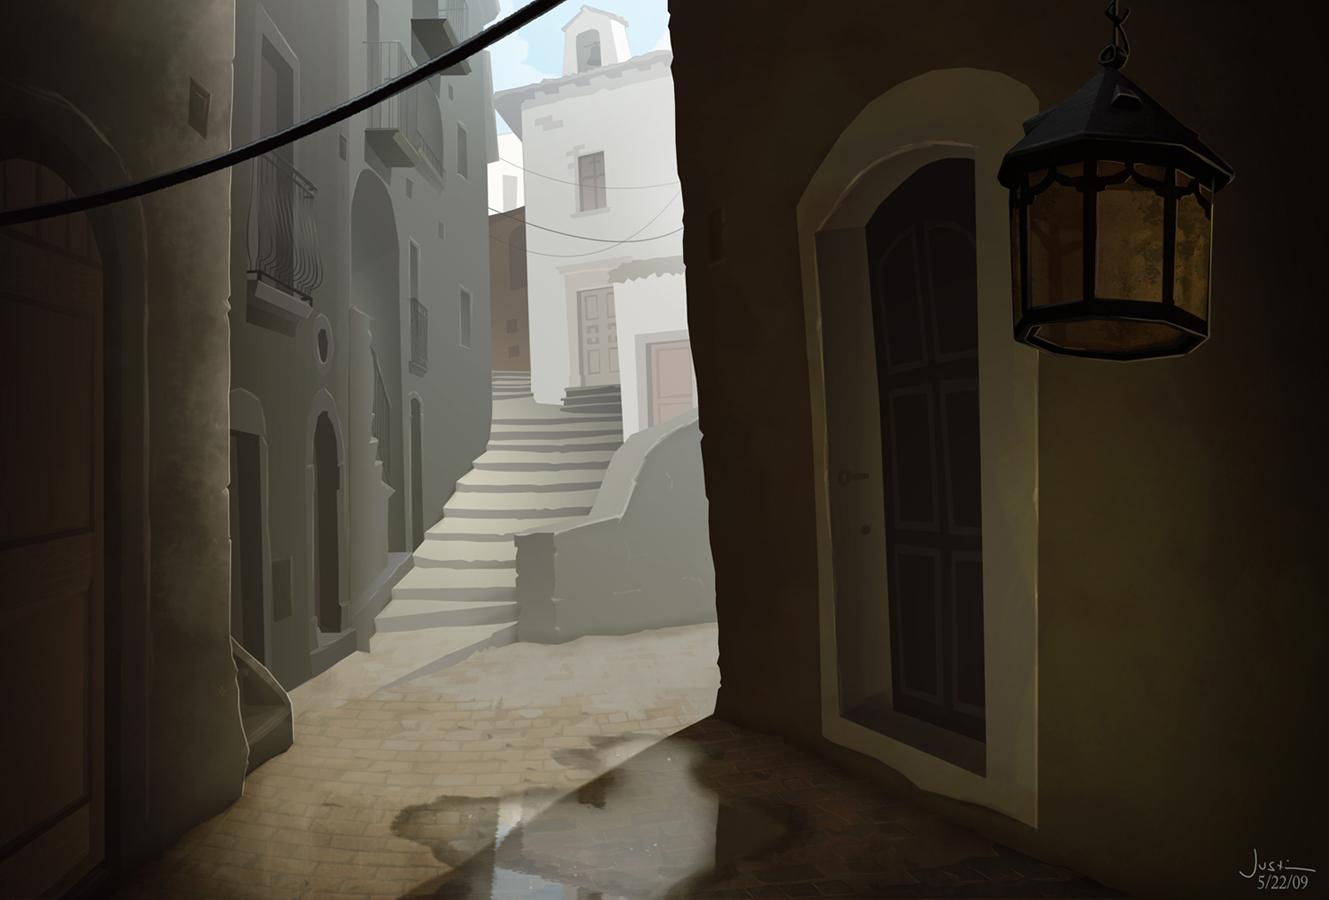 medieval_alleyway_1.jpg